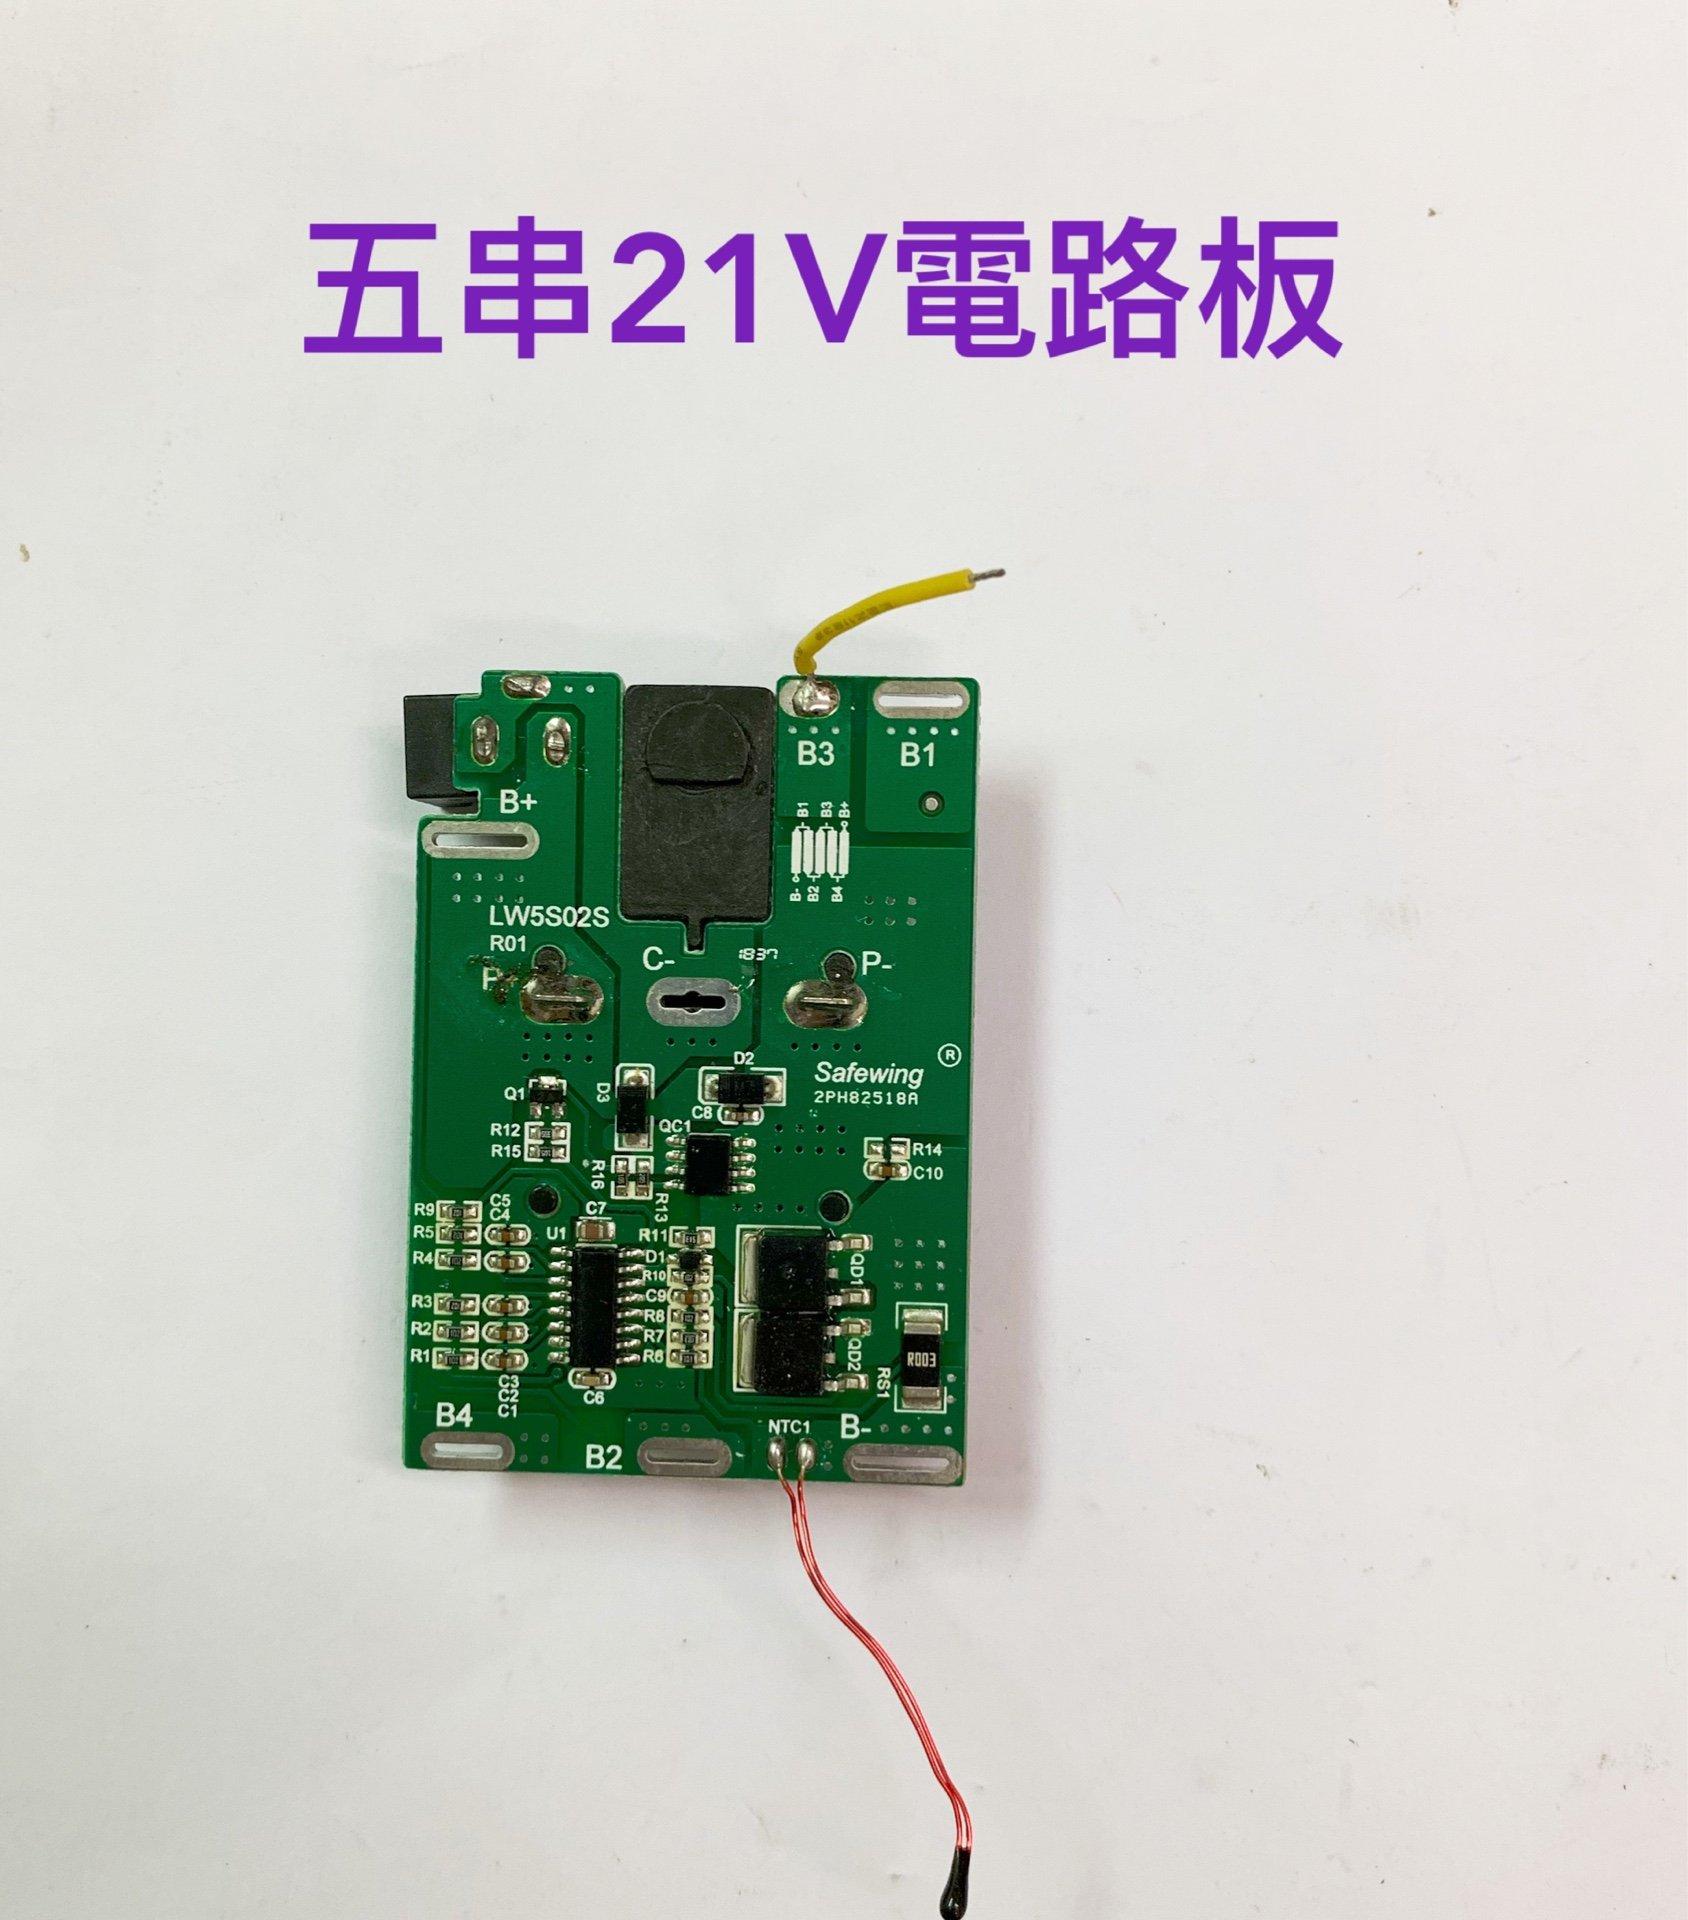 鋰電池保護板 五串21V電路板 電動工具保護板 鋰電池 (不 電池)